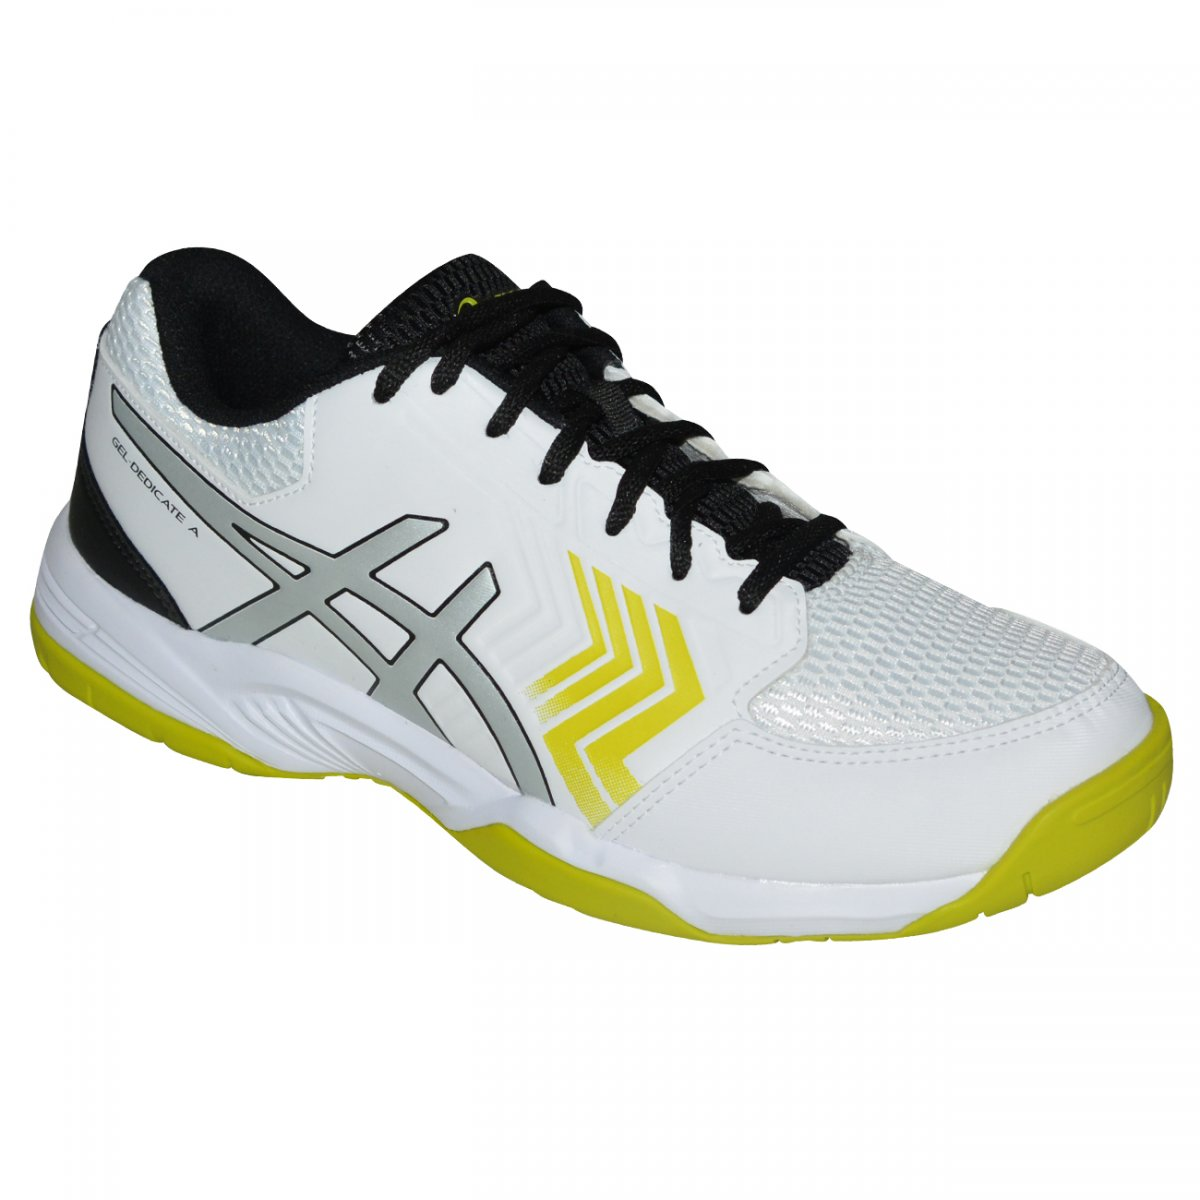 6dc16a048a9af5  Tenis Asics Gel-Dedicate 5 E001B-0193 - Branco prata verde  - Chuteira Nike ... ac75331f437de